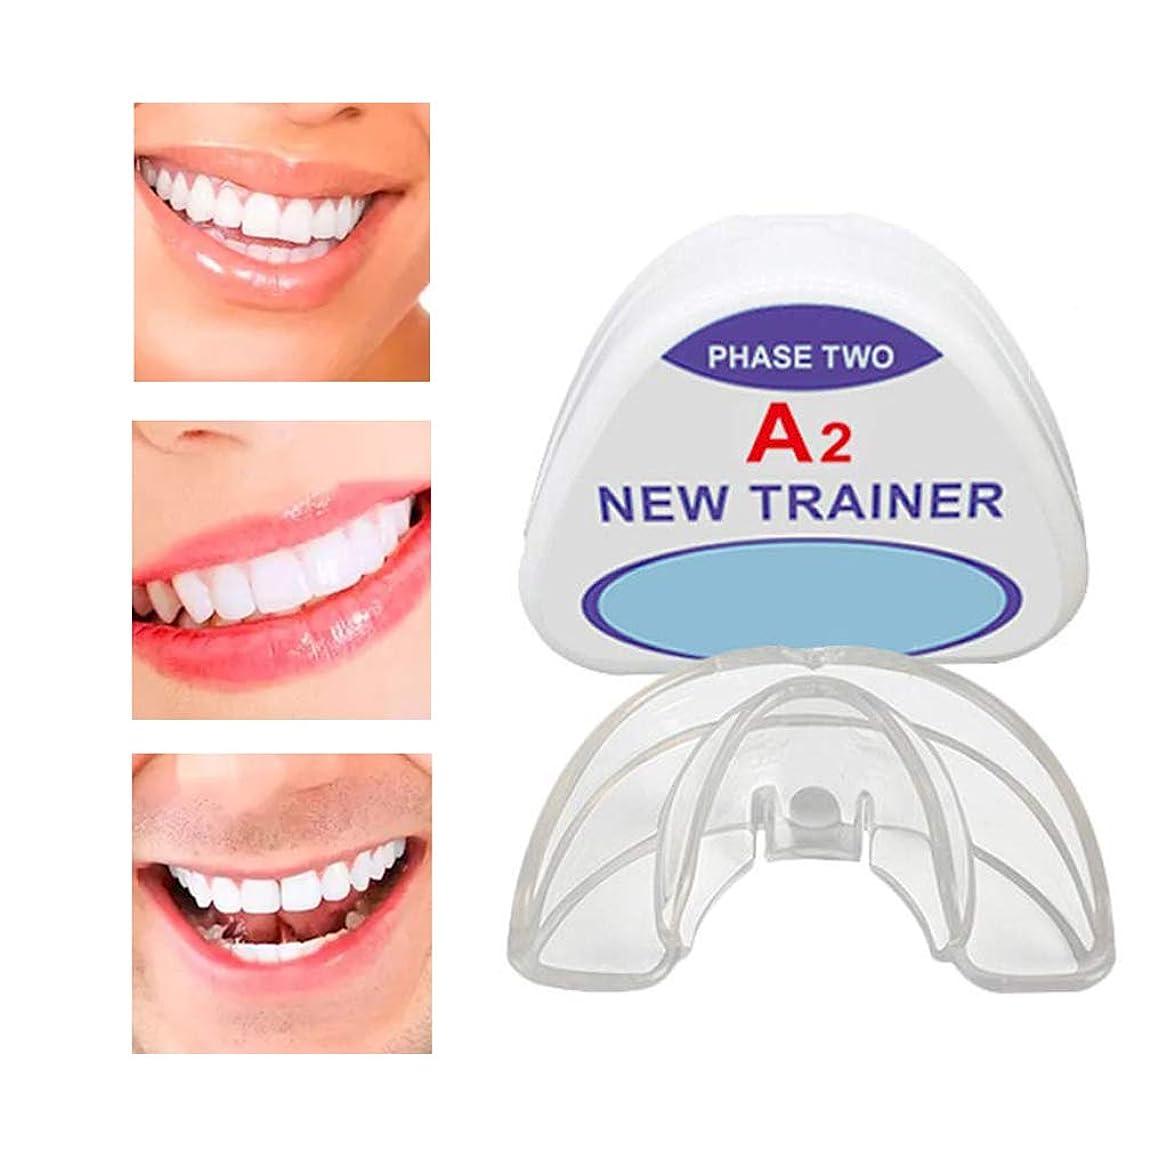 訴えるやりがいのある古風な歯列矯正リテーナー、大人、安全材料のための歯科矯正学のトレーナーの歯の歯の電気器具のアライメントブレース,A2